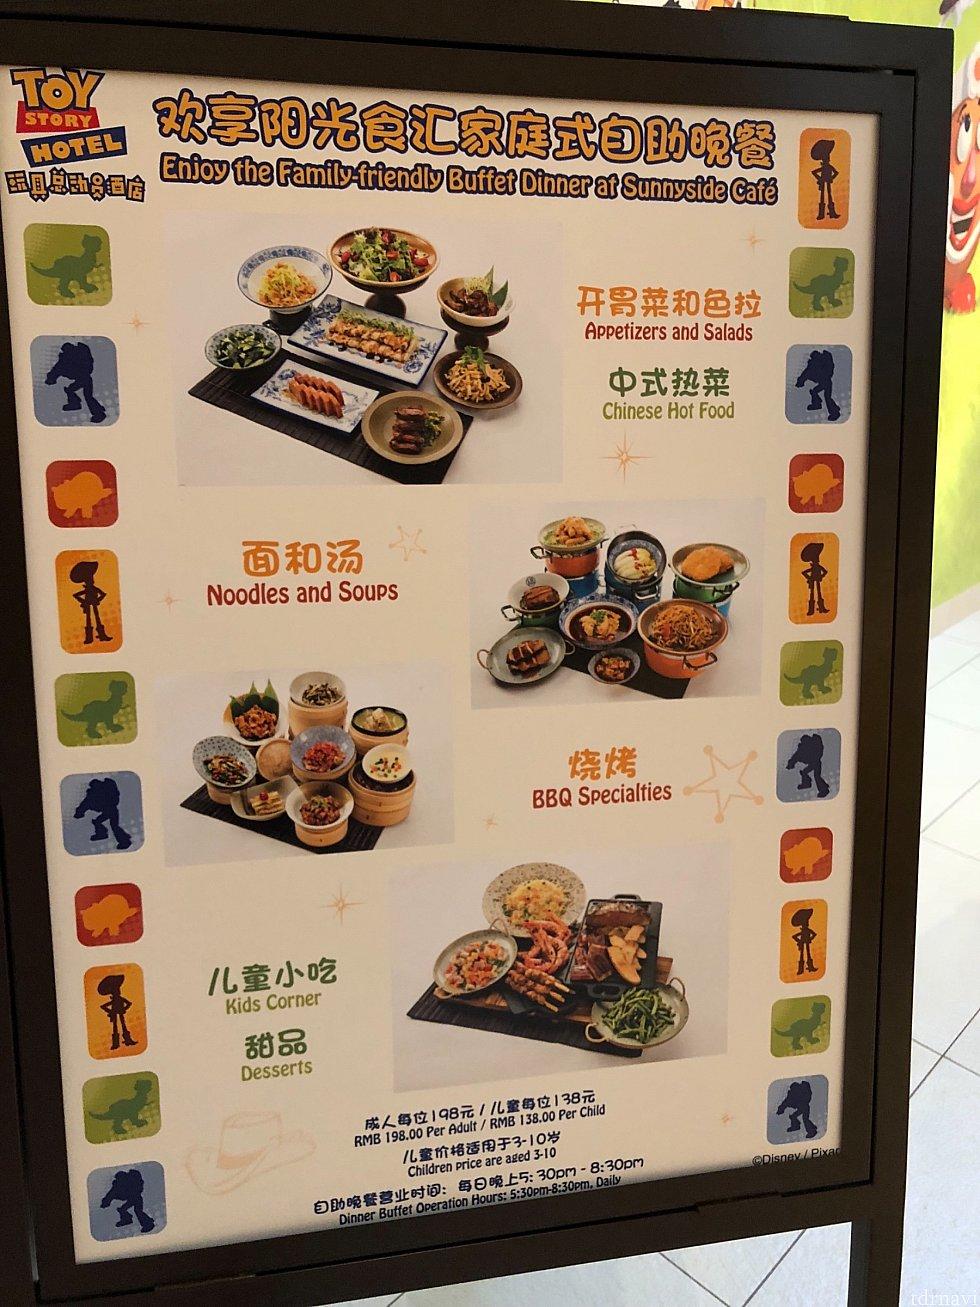 夕食ビュッフェは前より値上げしていました 大人198元/子ども138元